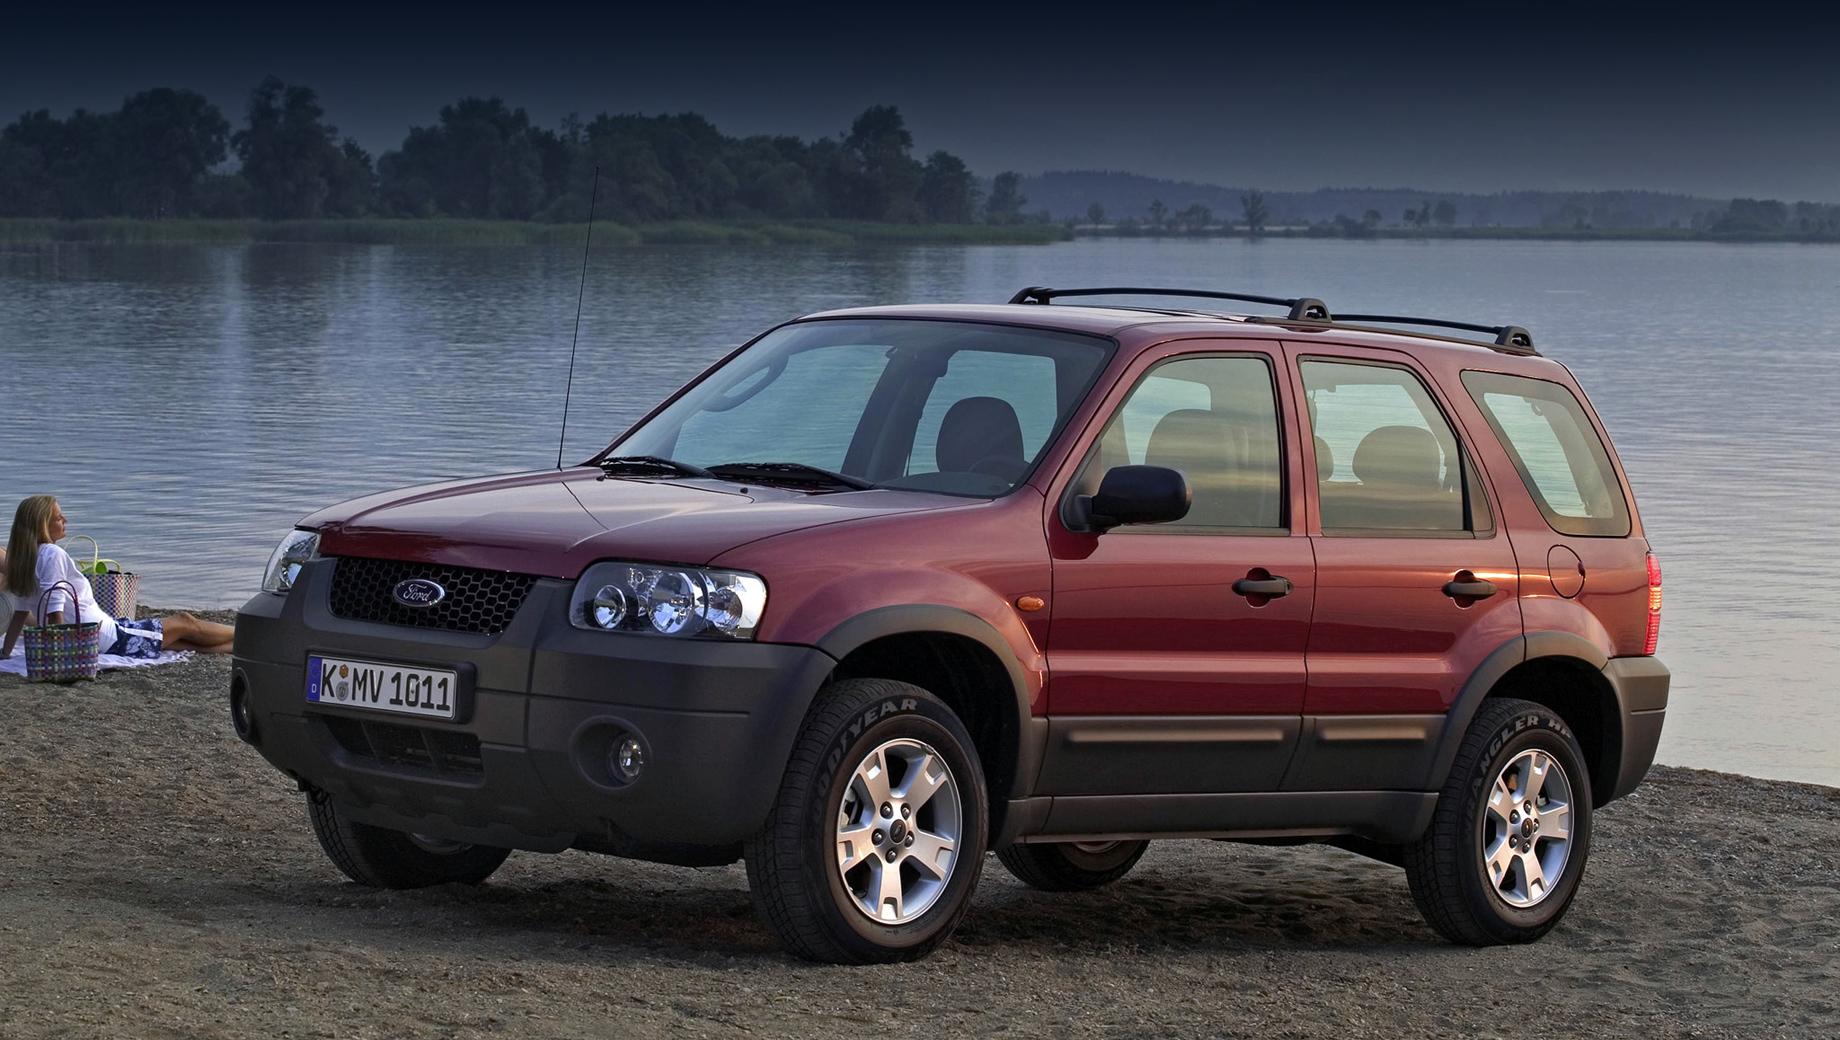 Ford bronco sport,Ford maverick,Ford courier. Таким был последний Ford Maverick — кроссовером с несущим кузовом на платформе Ford CD2, разработанной совместно с Маздой, с бензиновыми моторами 2.0, 2.3, 3.0, передним приводом и опциональным полным.